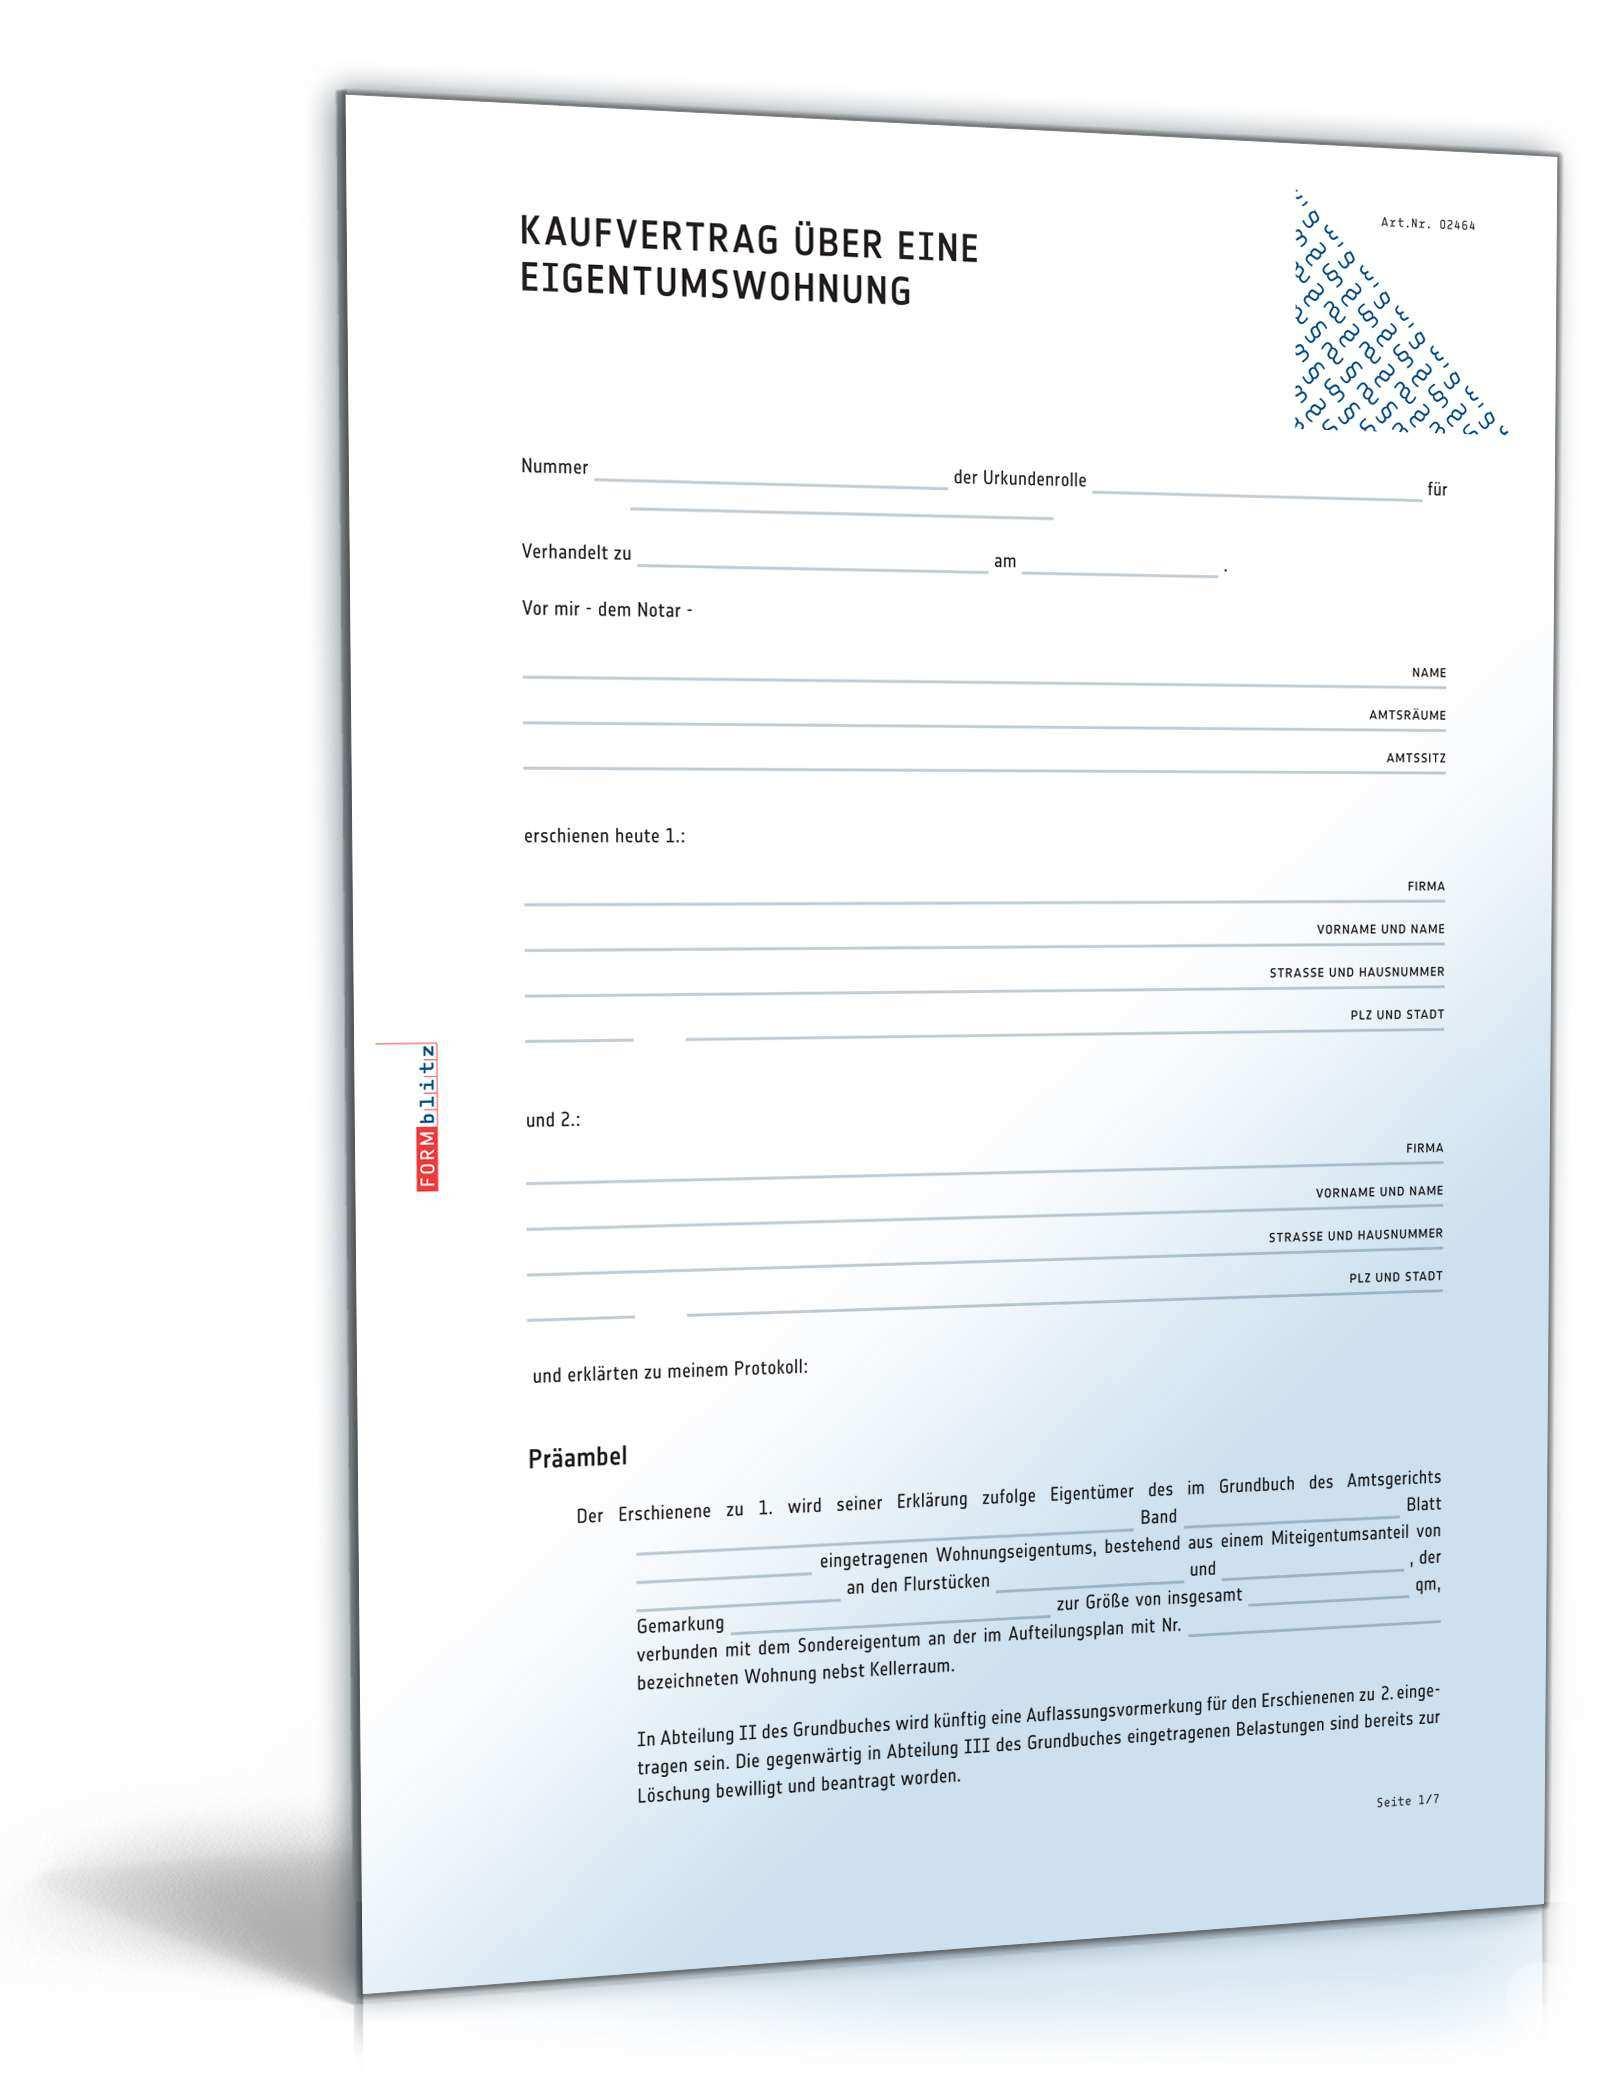 Kaufvertrag Eigentumswohnung Muster Zum Download